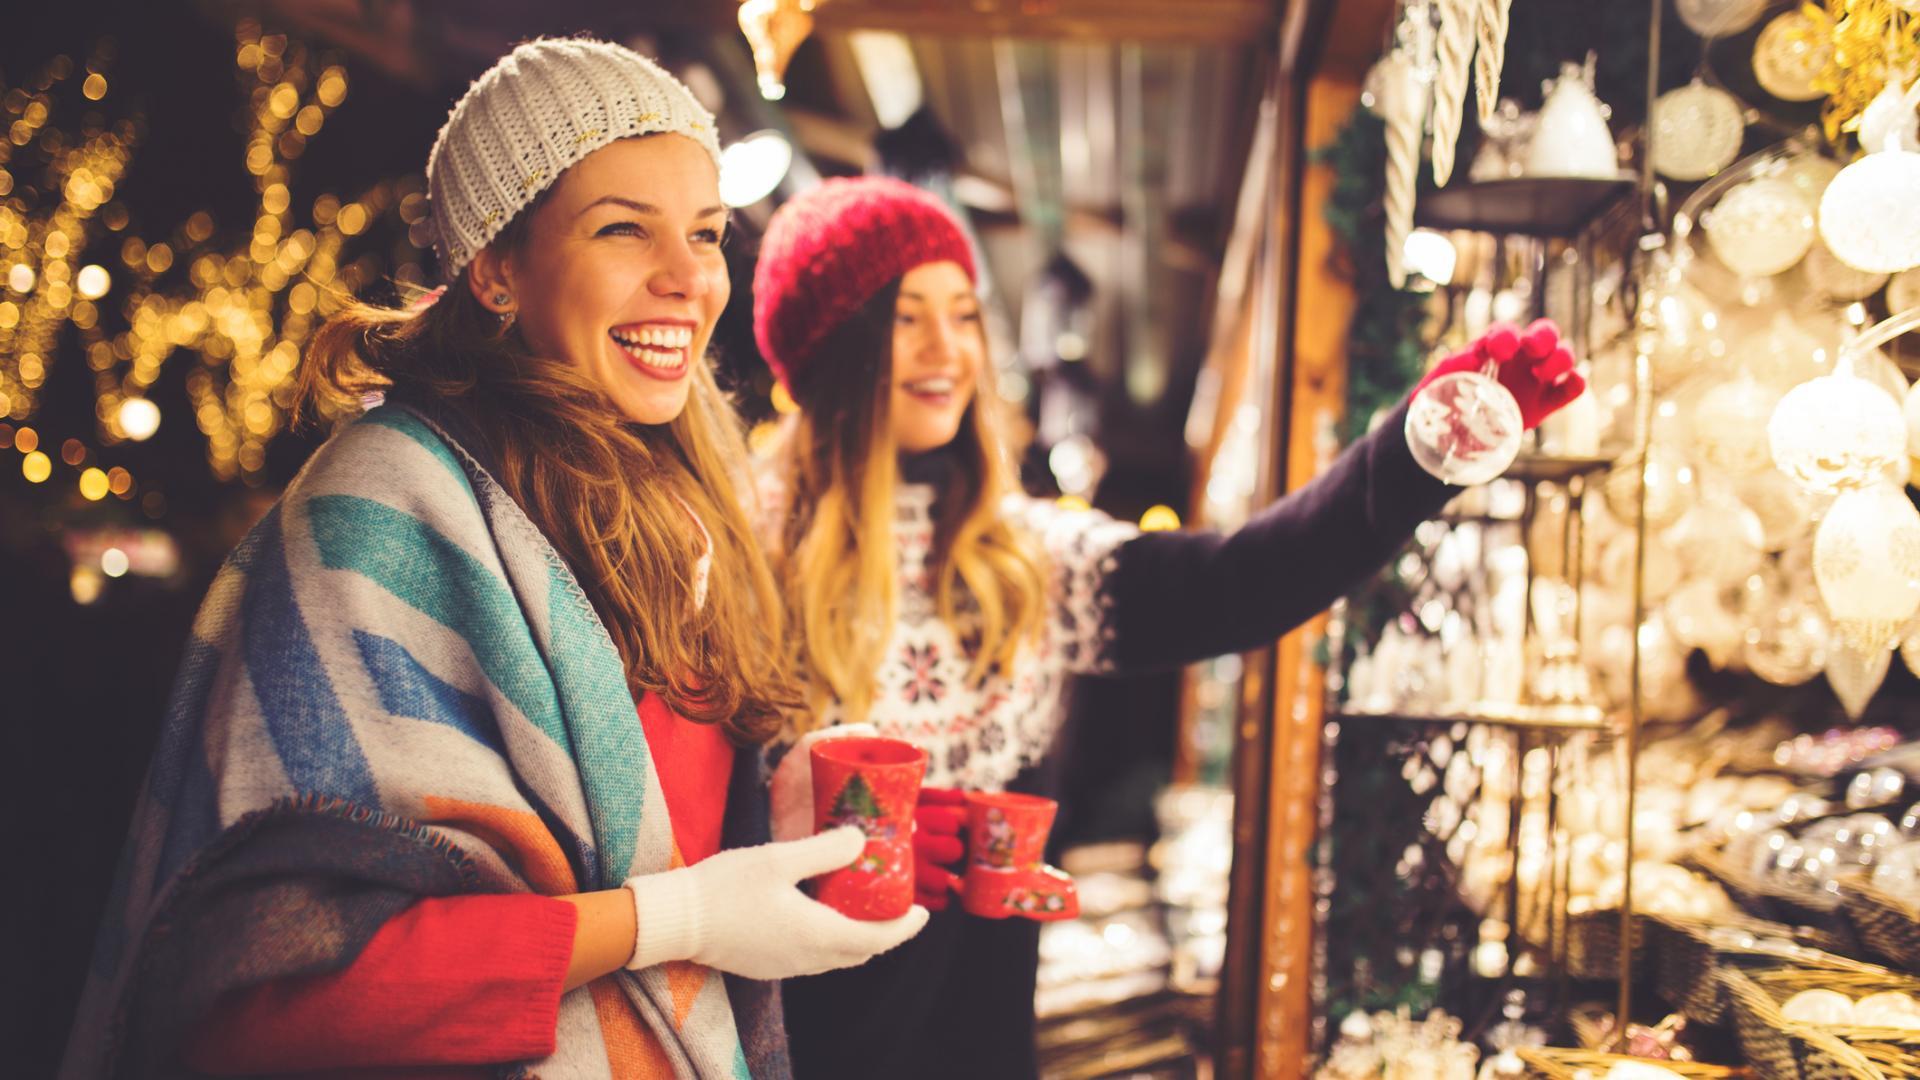 Weihnachtsmarkt Frauen Glühwein Deko wärmen